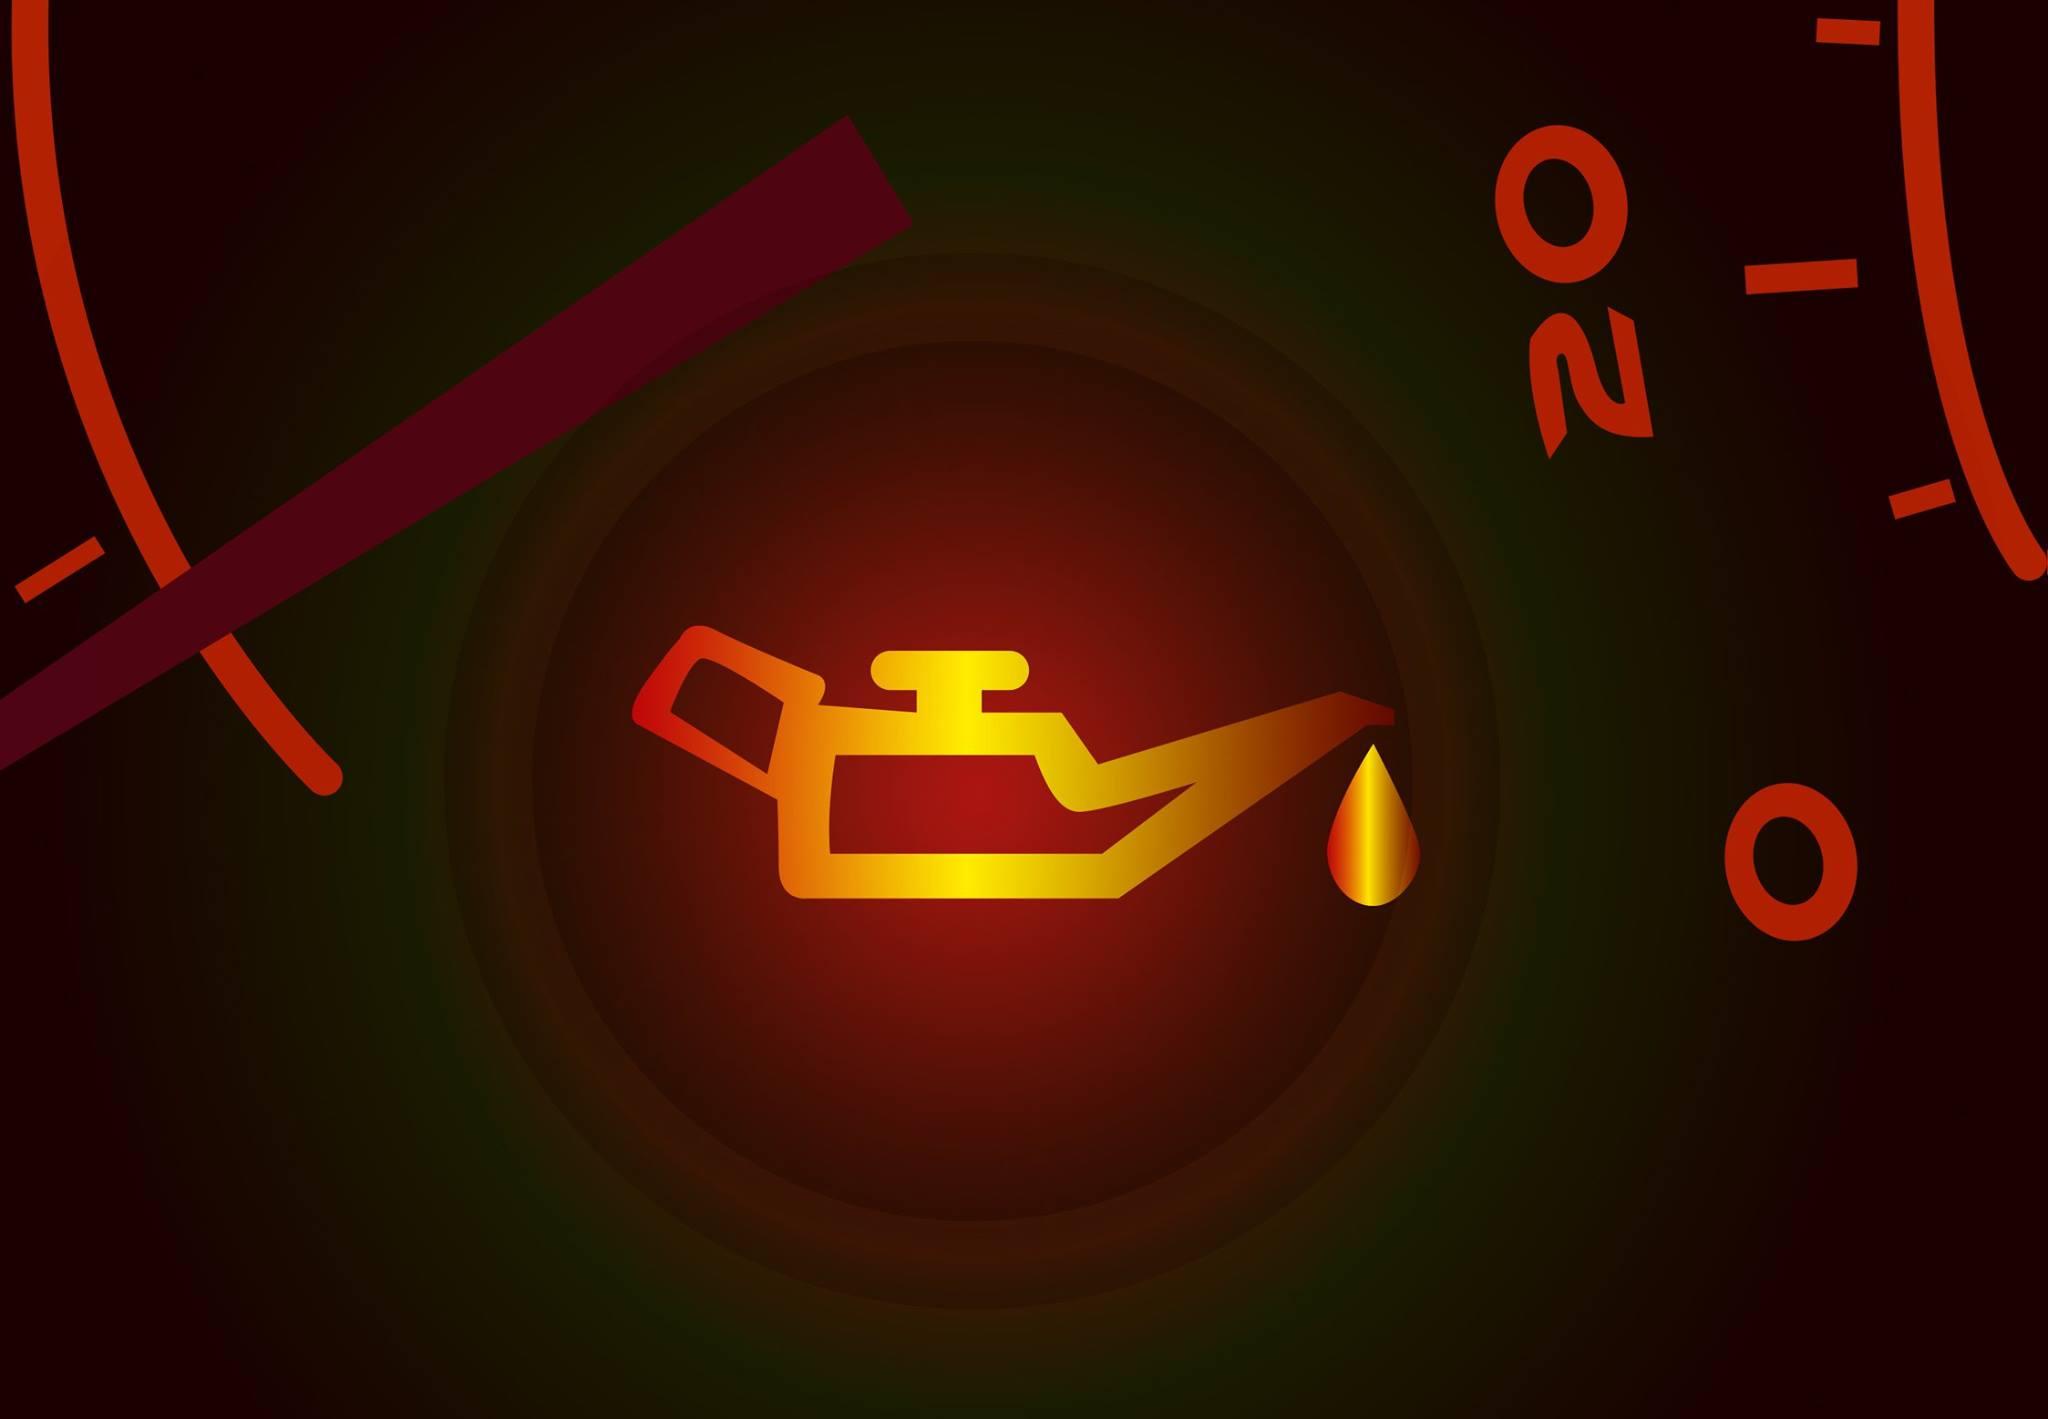 4852ad262 Acendeu a luz do óleo? Reze para ser o nível!